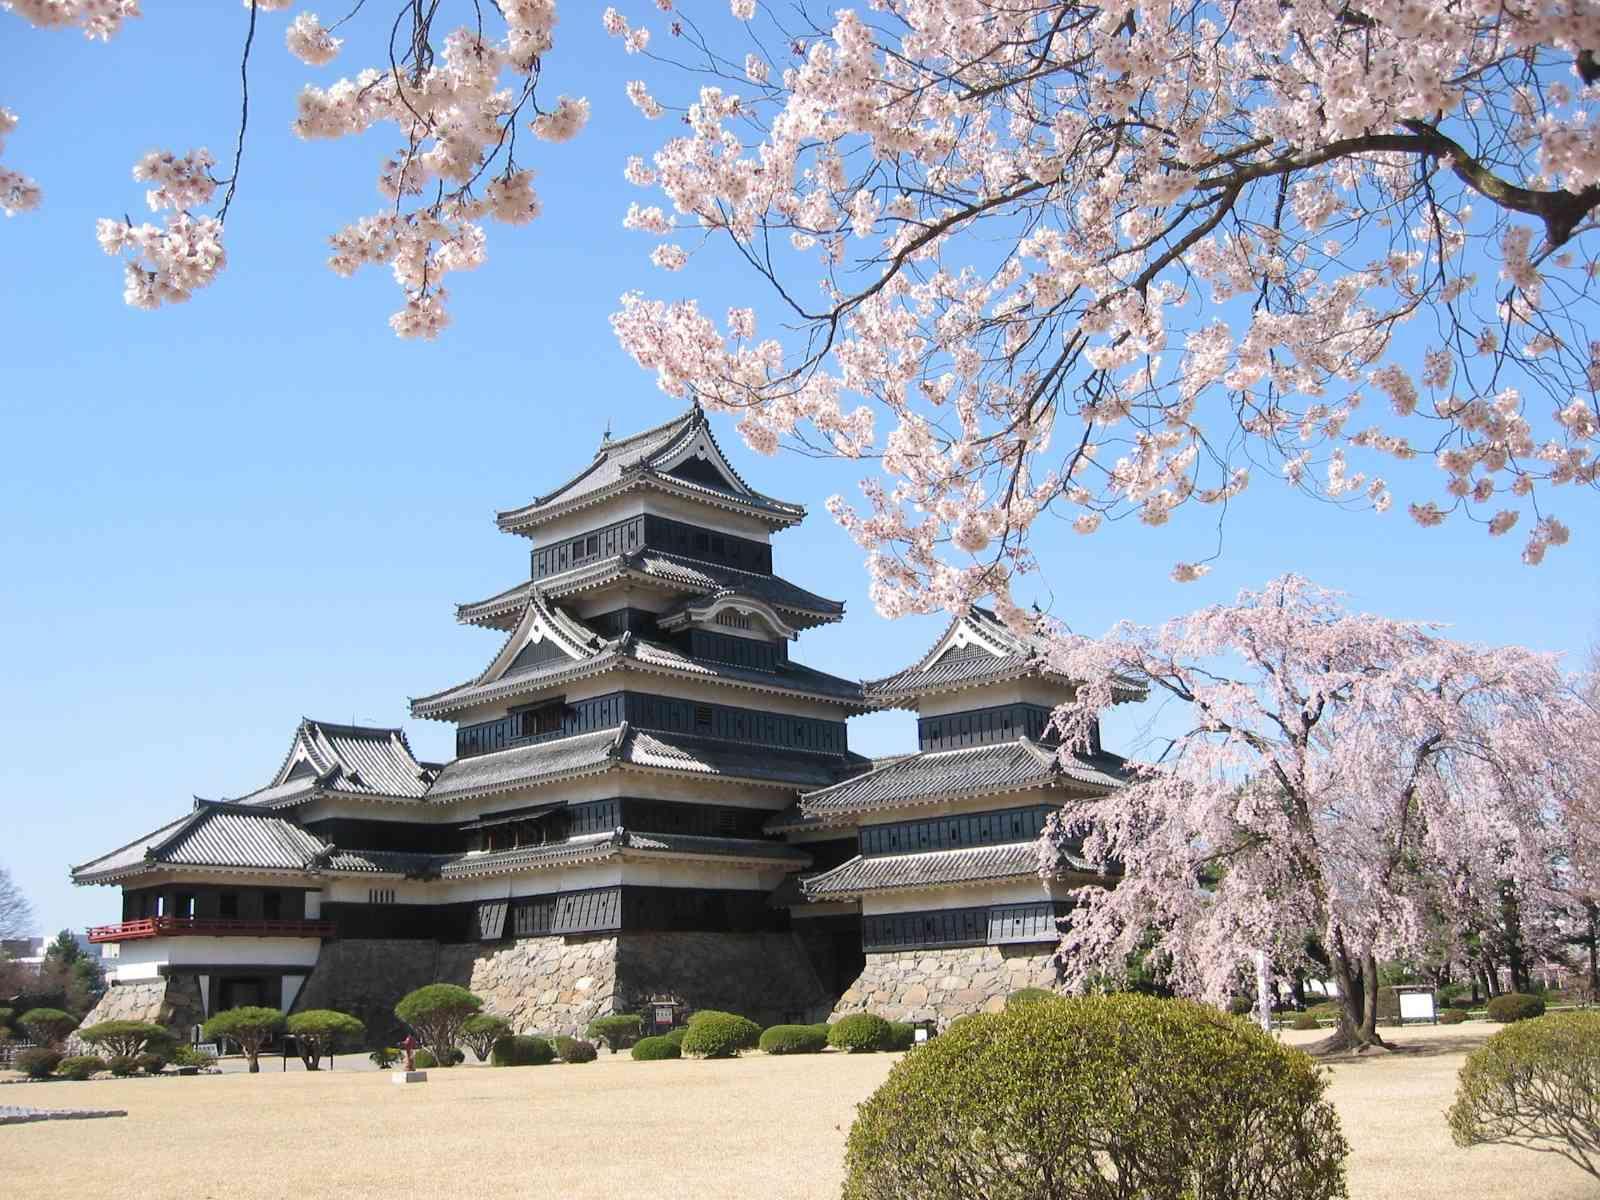 Tourism: Matsumoto Castle